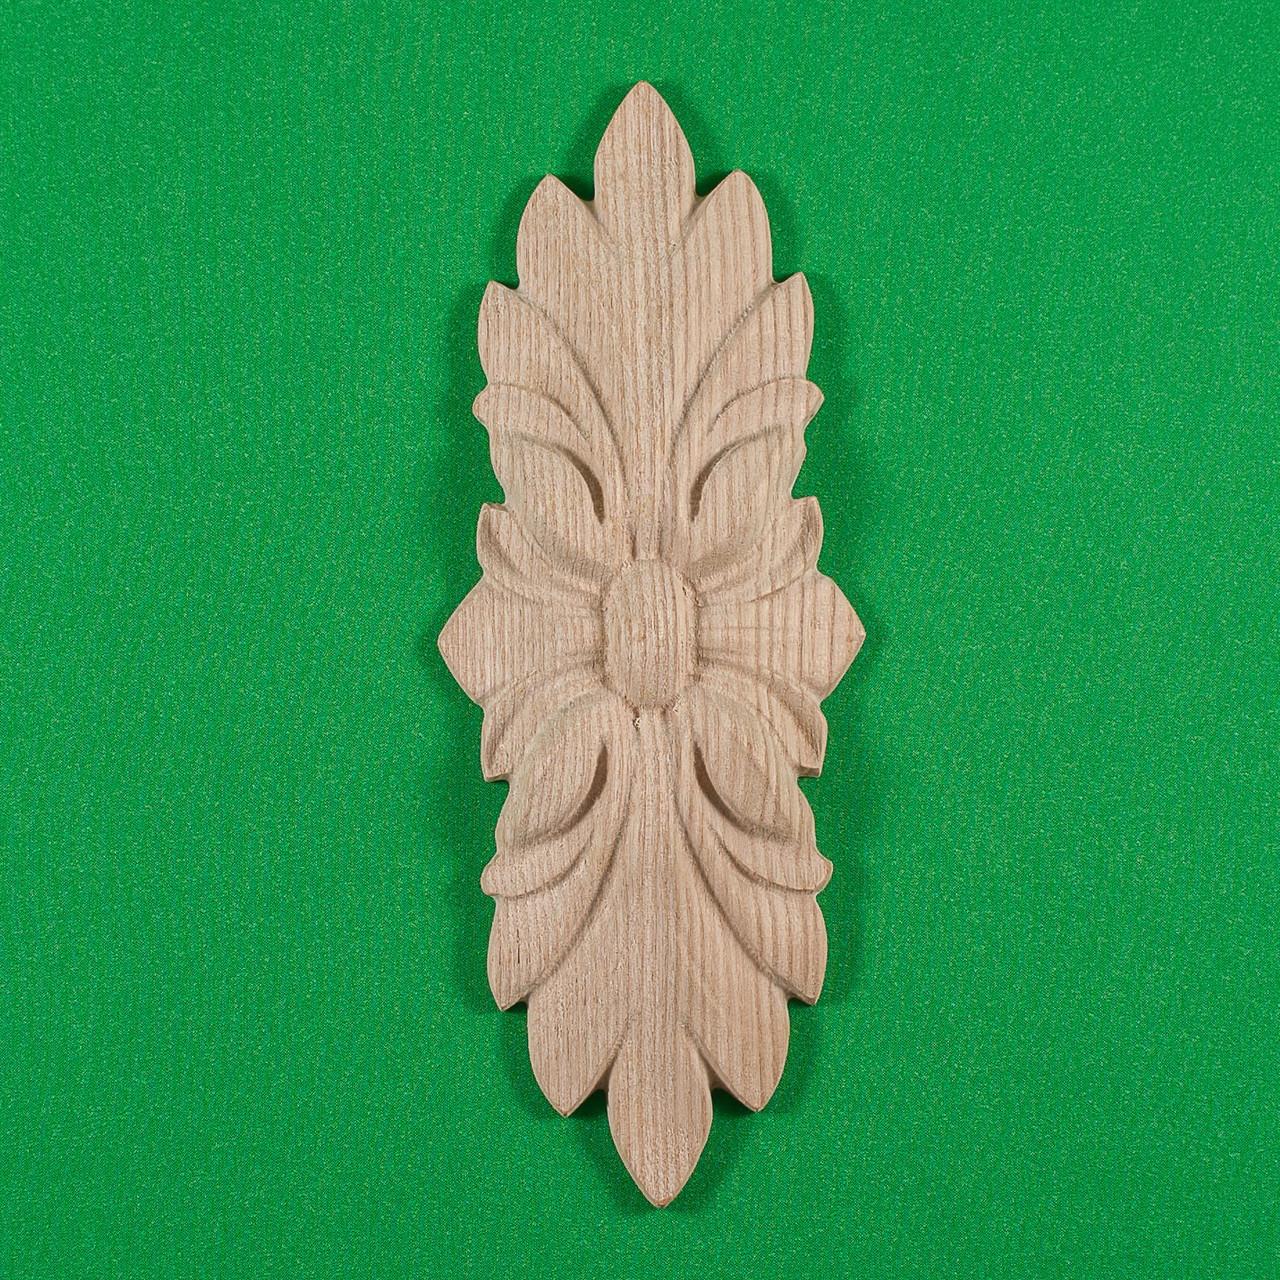 Код ДВ3. Деревянный резной декор для мебели. Декор вертикальный